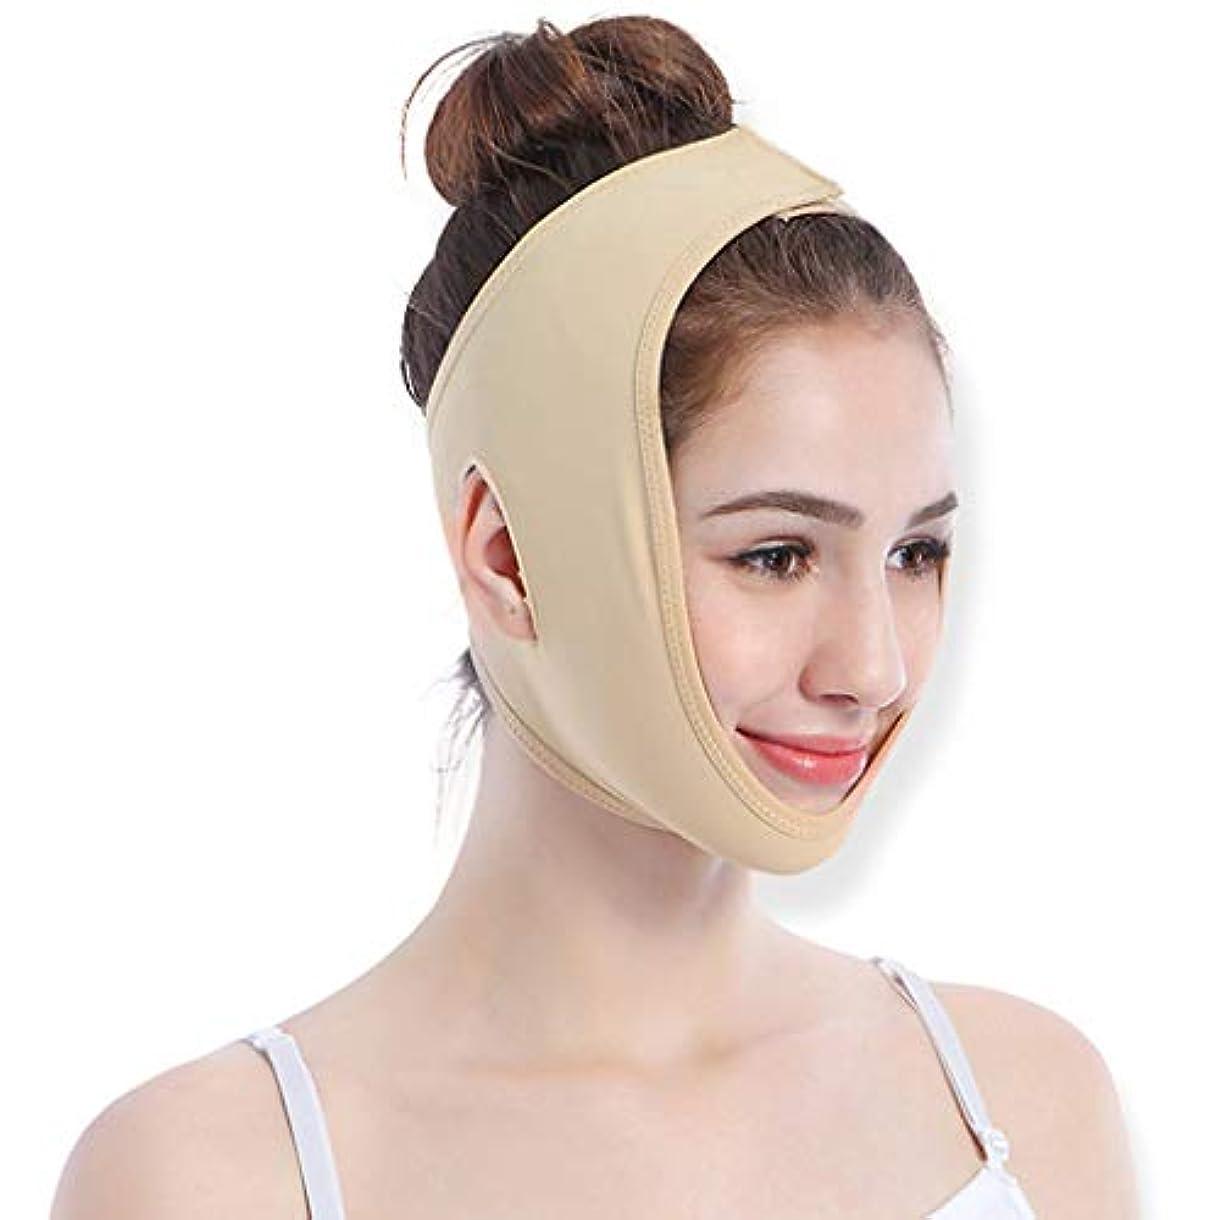 寛大さコピー耐久薄い顔のマスクの男性と女性の顔のv顔のマスクの顔の楽器の包帯,XL